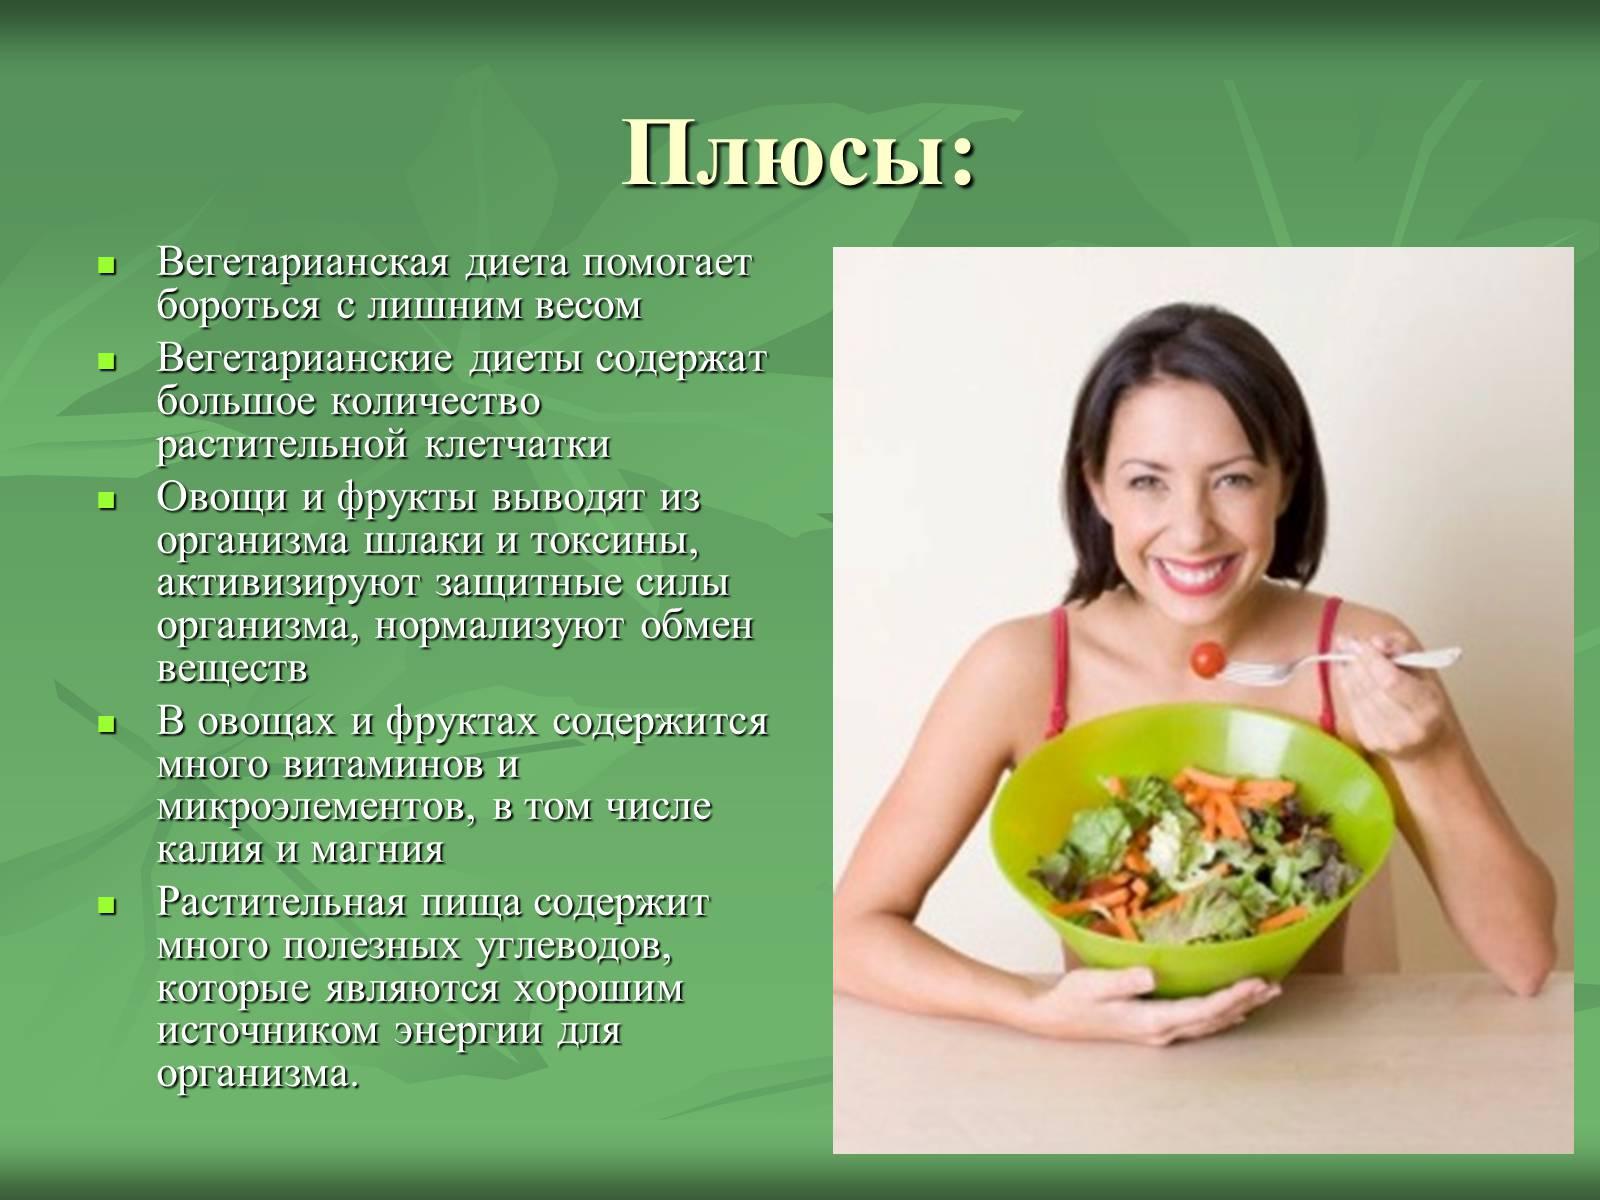 Последствие вегетарианской диеты